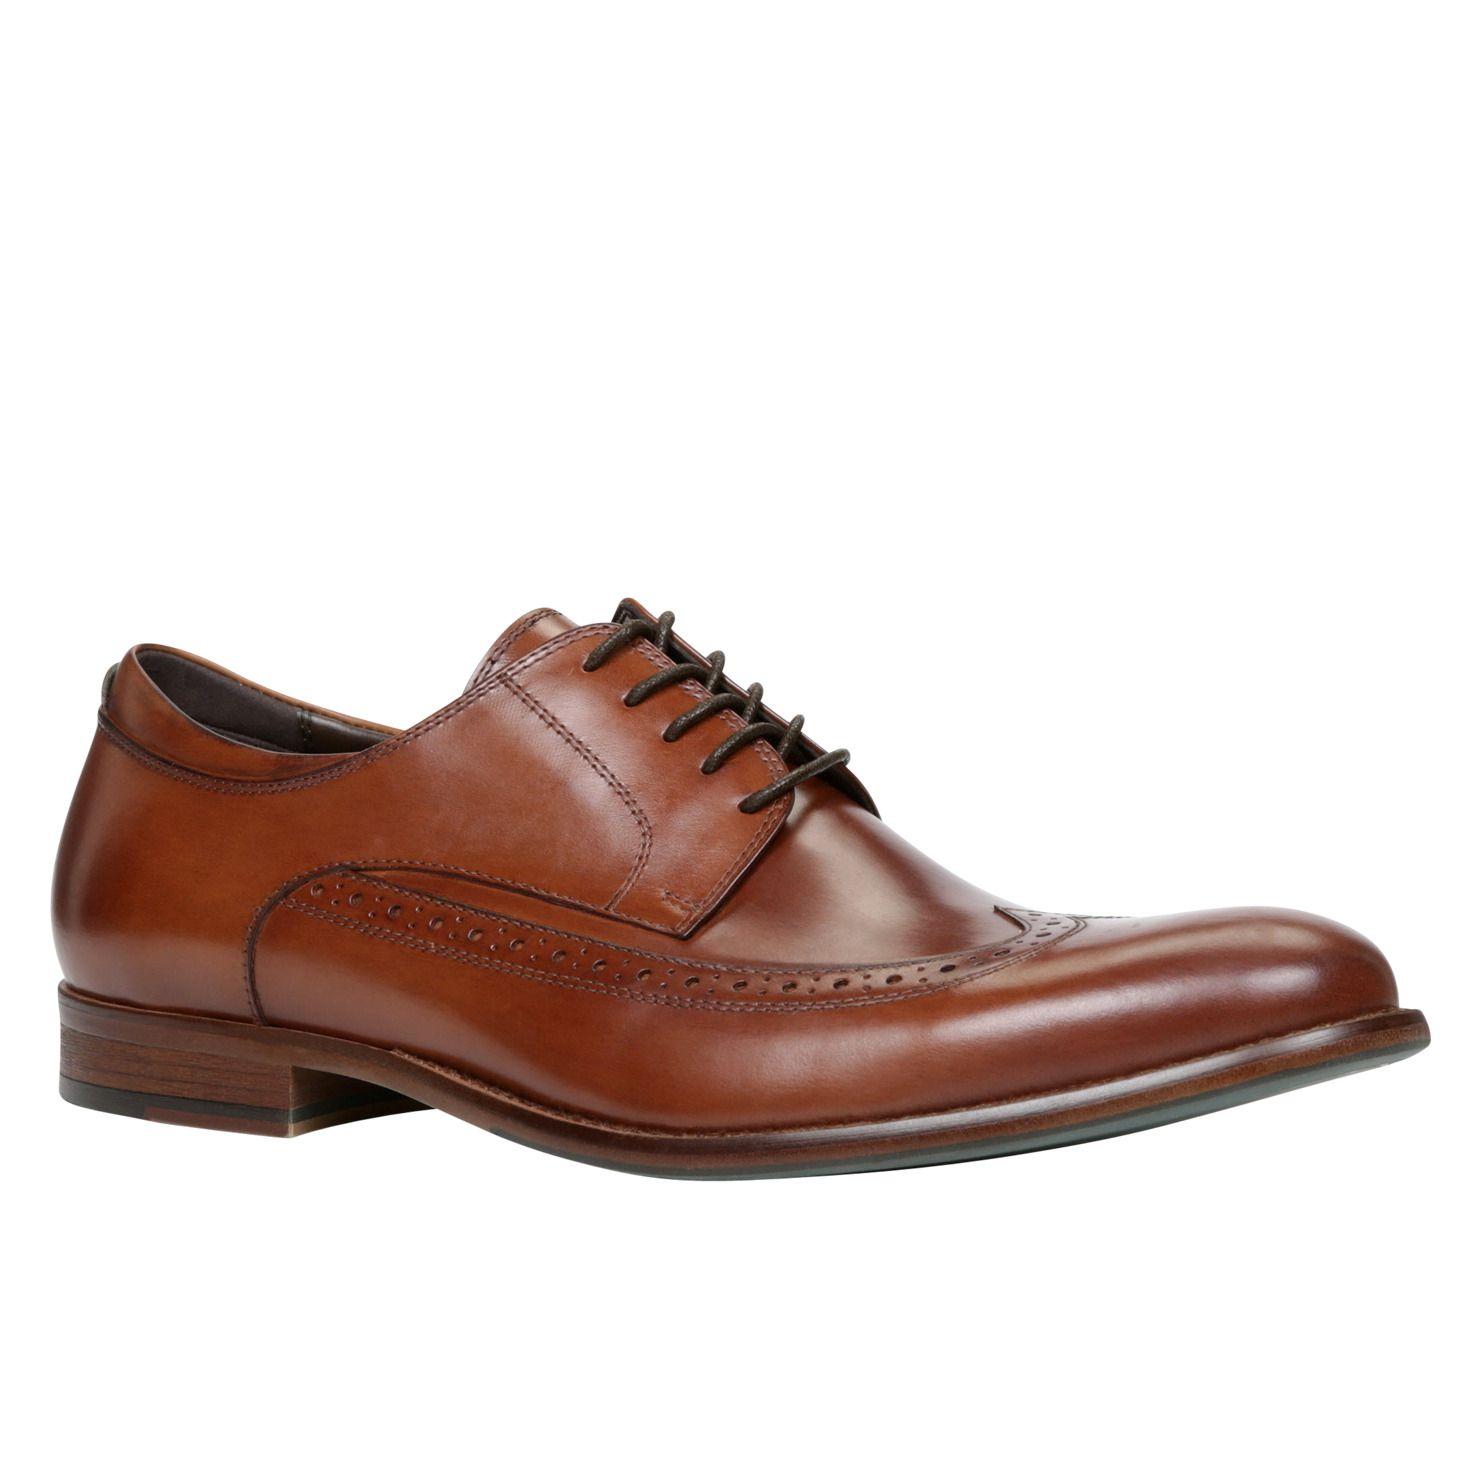 Shoes, Brown dress shoes, Shoe